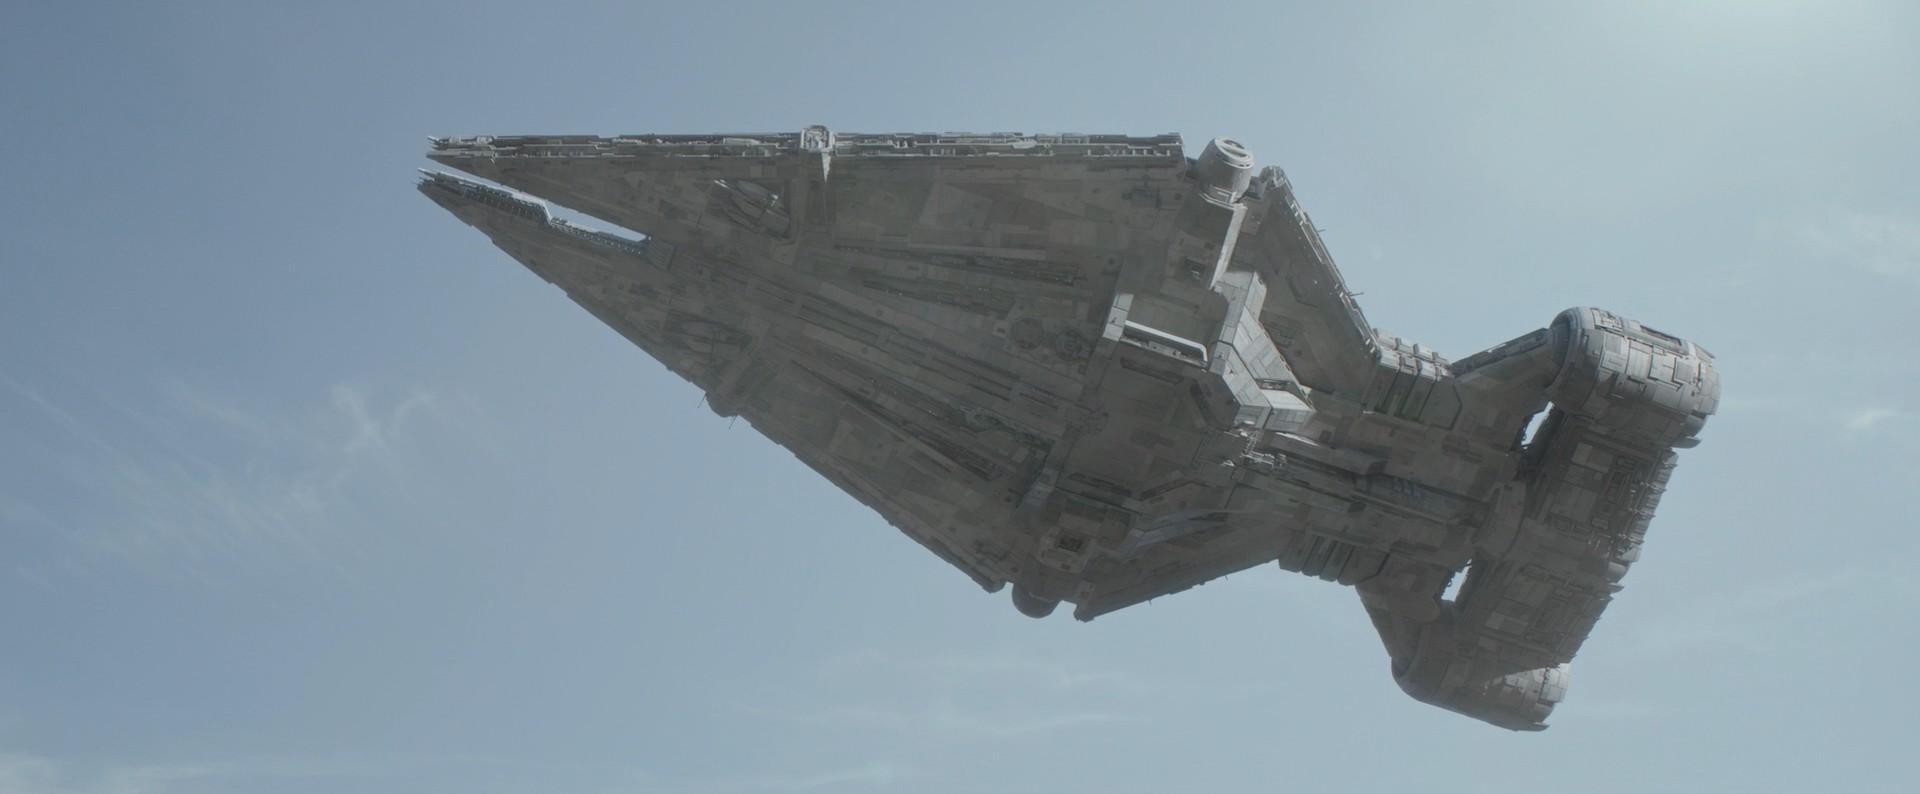 Croiseur léger de classe Arquitens du Moff Gideon (nom inconnu)